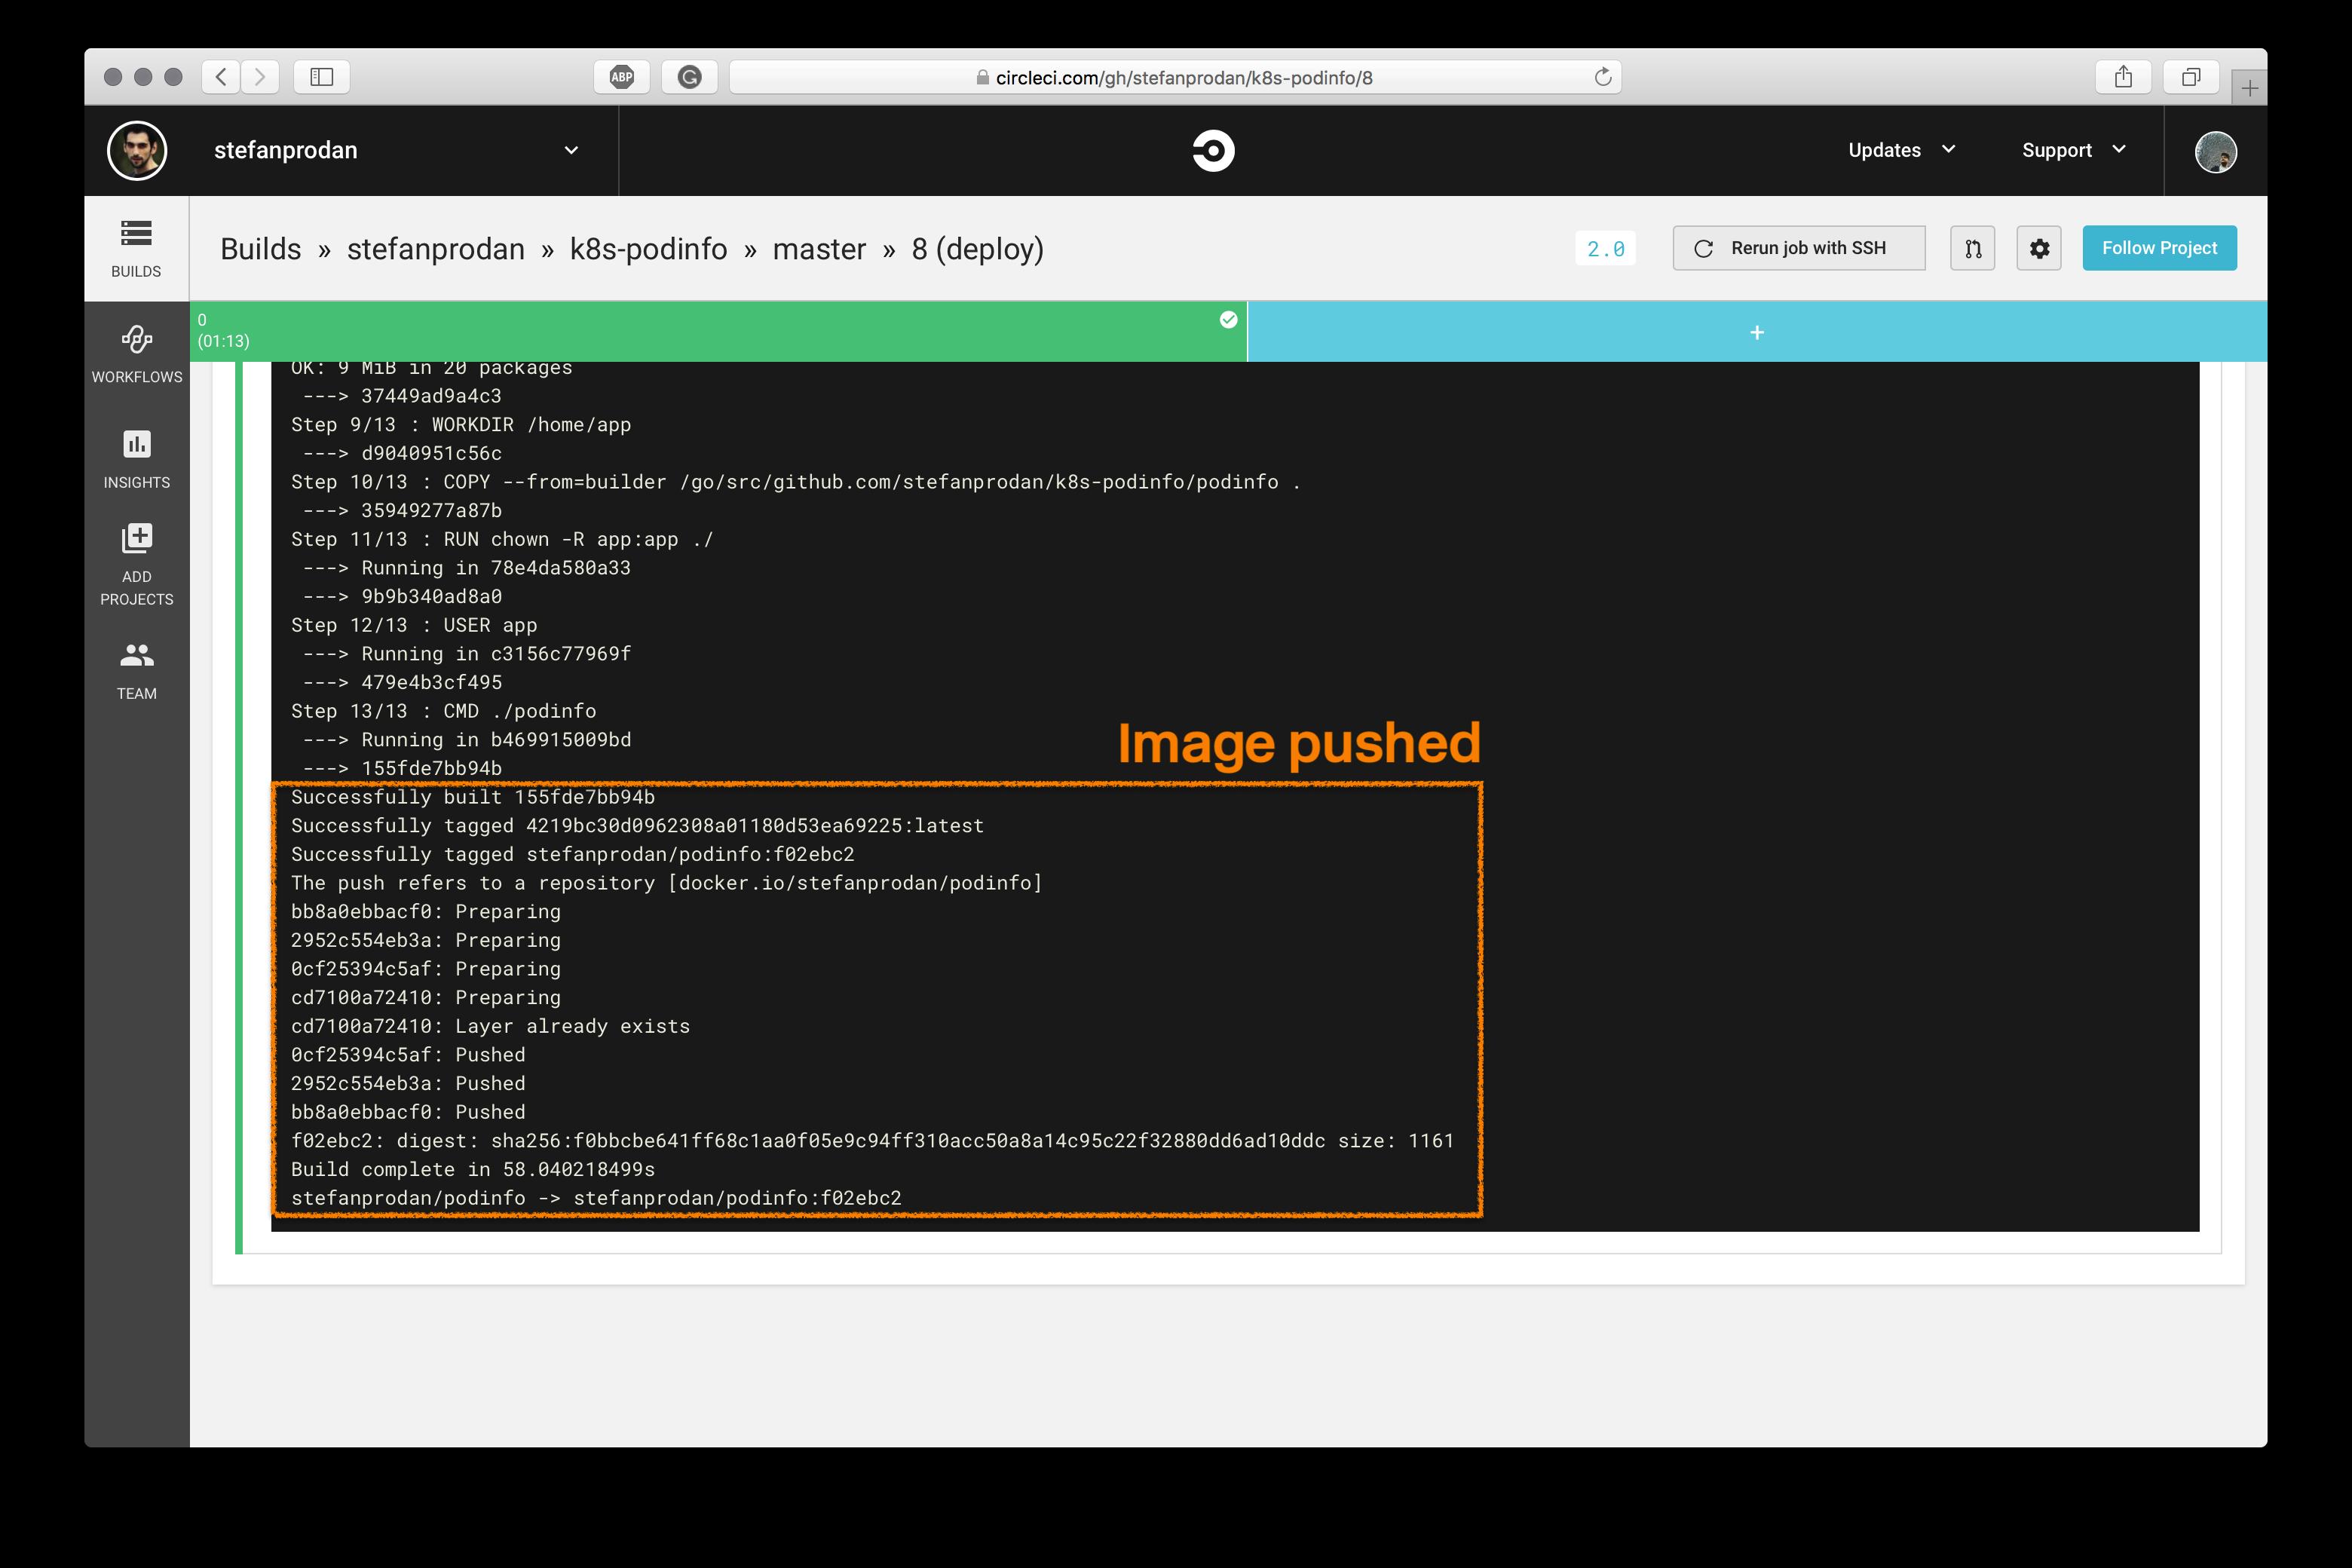 circleci-push-image.png